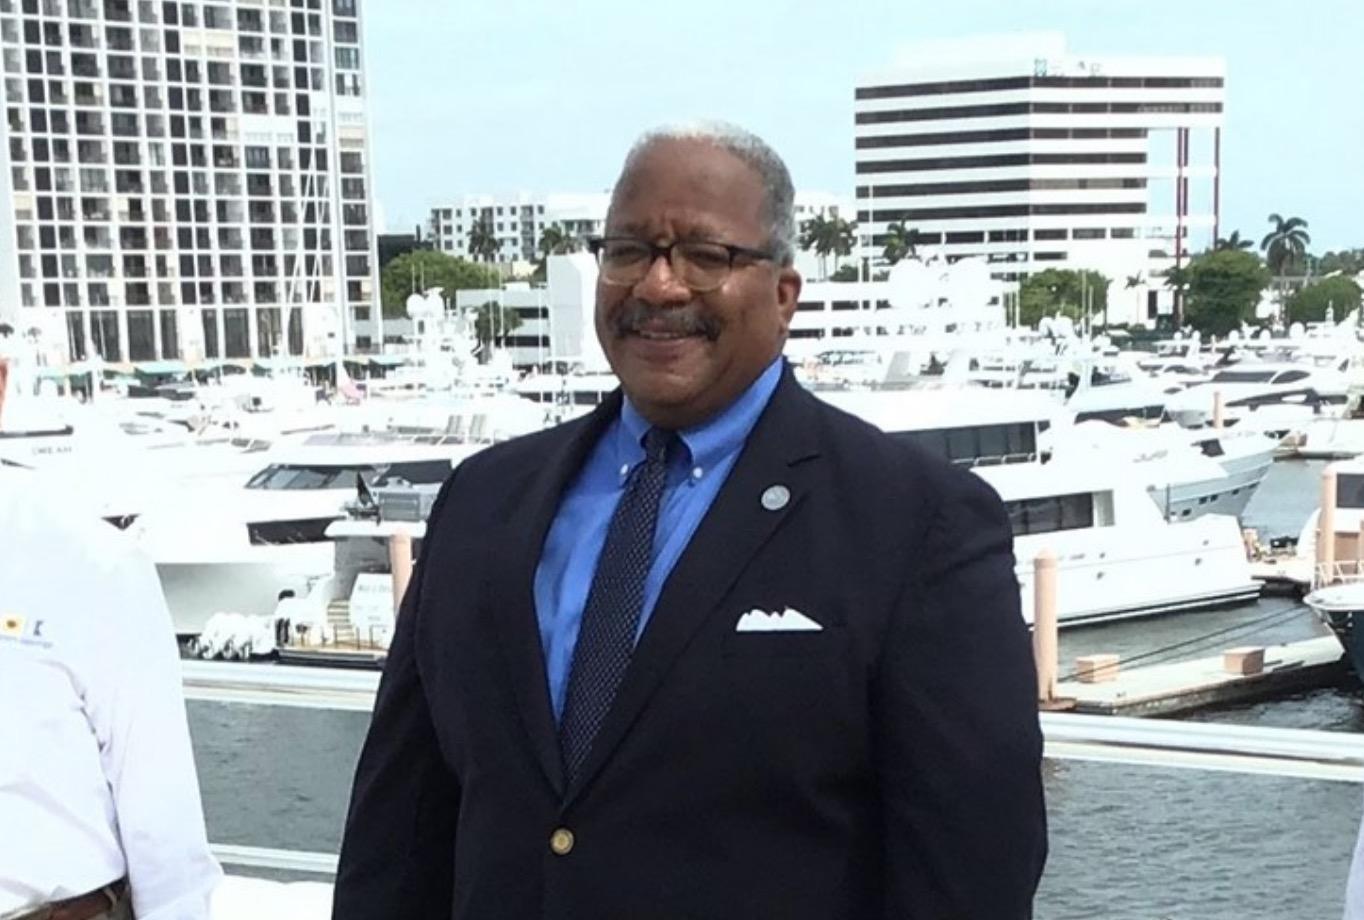 Florida Mayor bans gun and ammunition sales